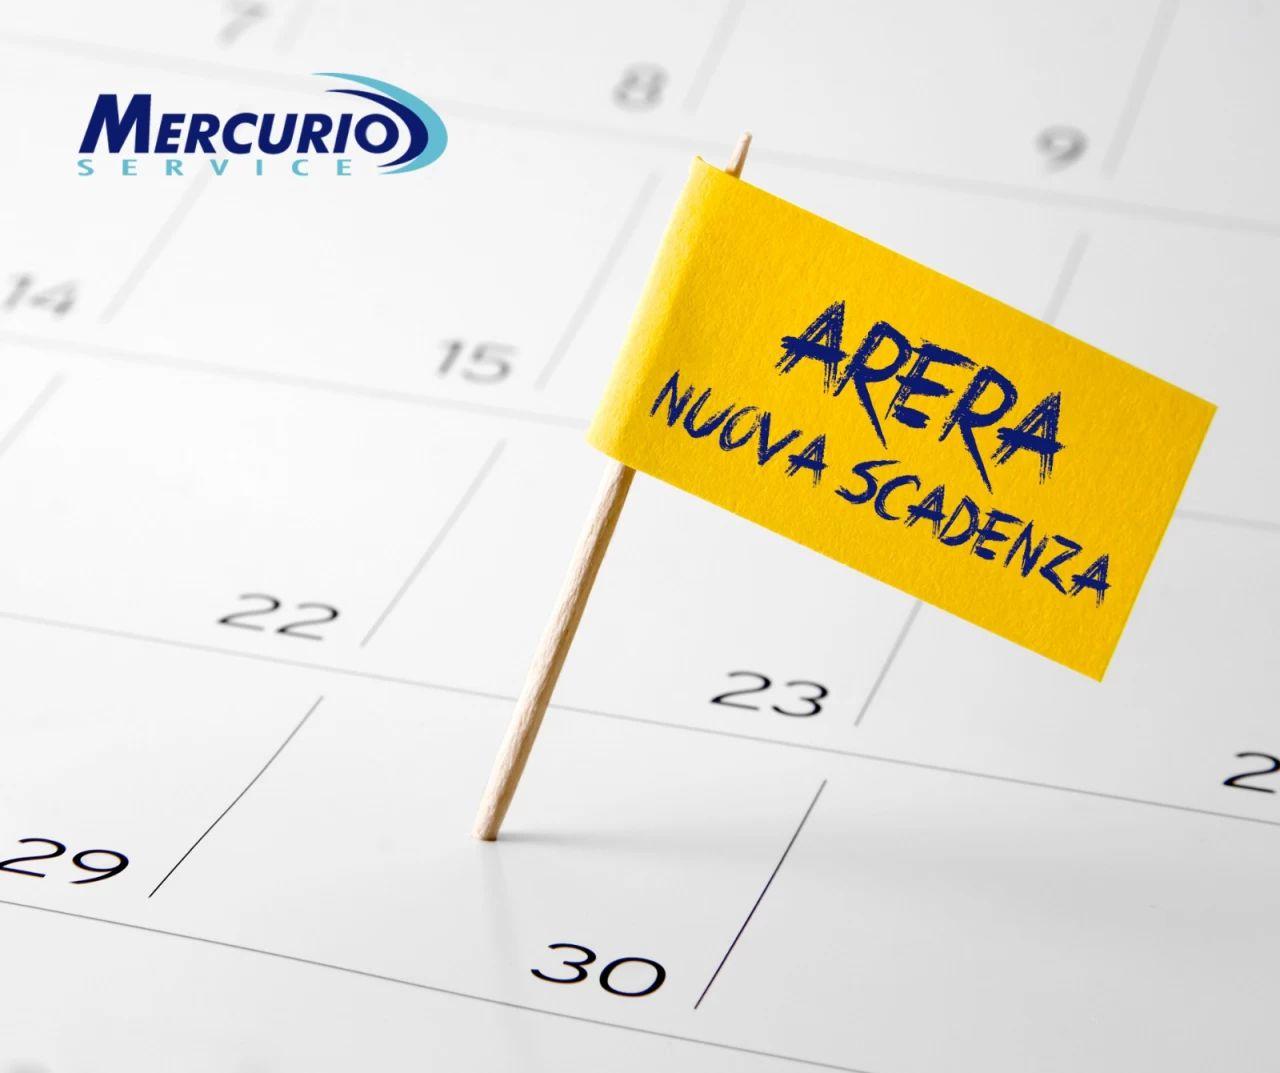 Deliberazione ARERA n. 299/2020/R/rif